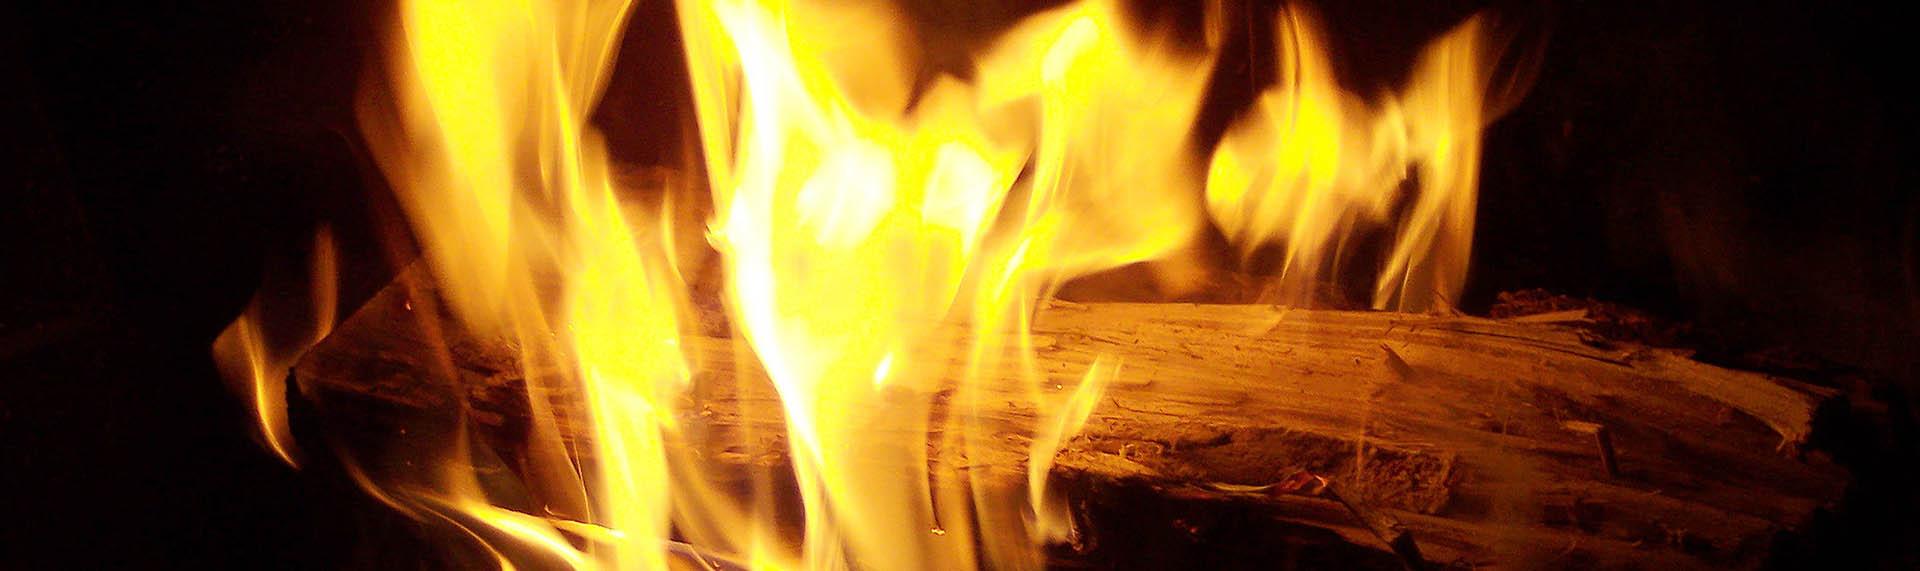 ogenj11